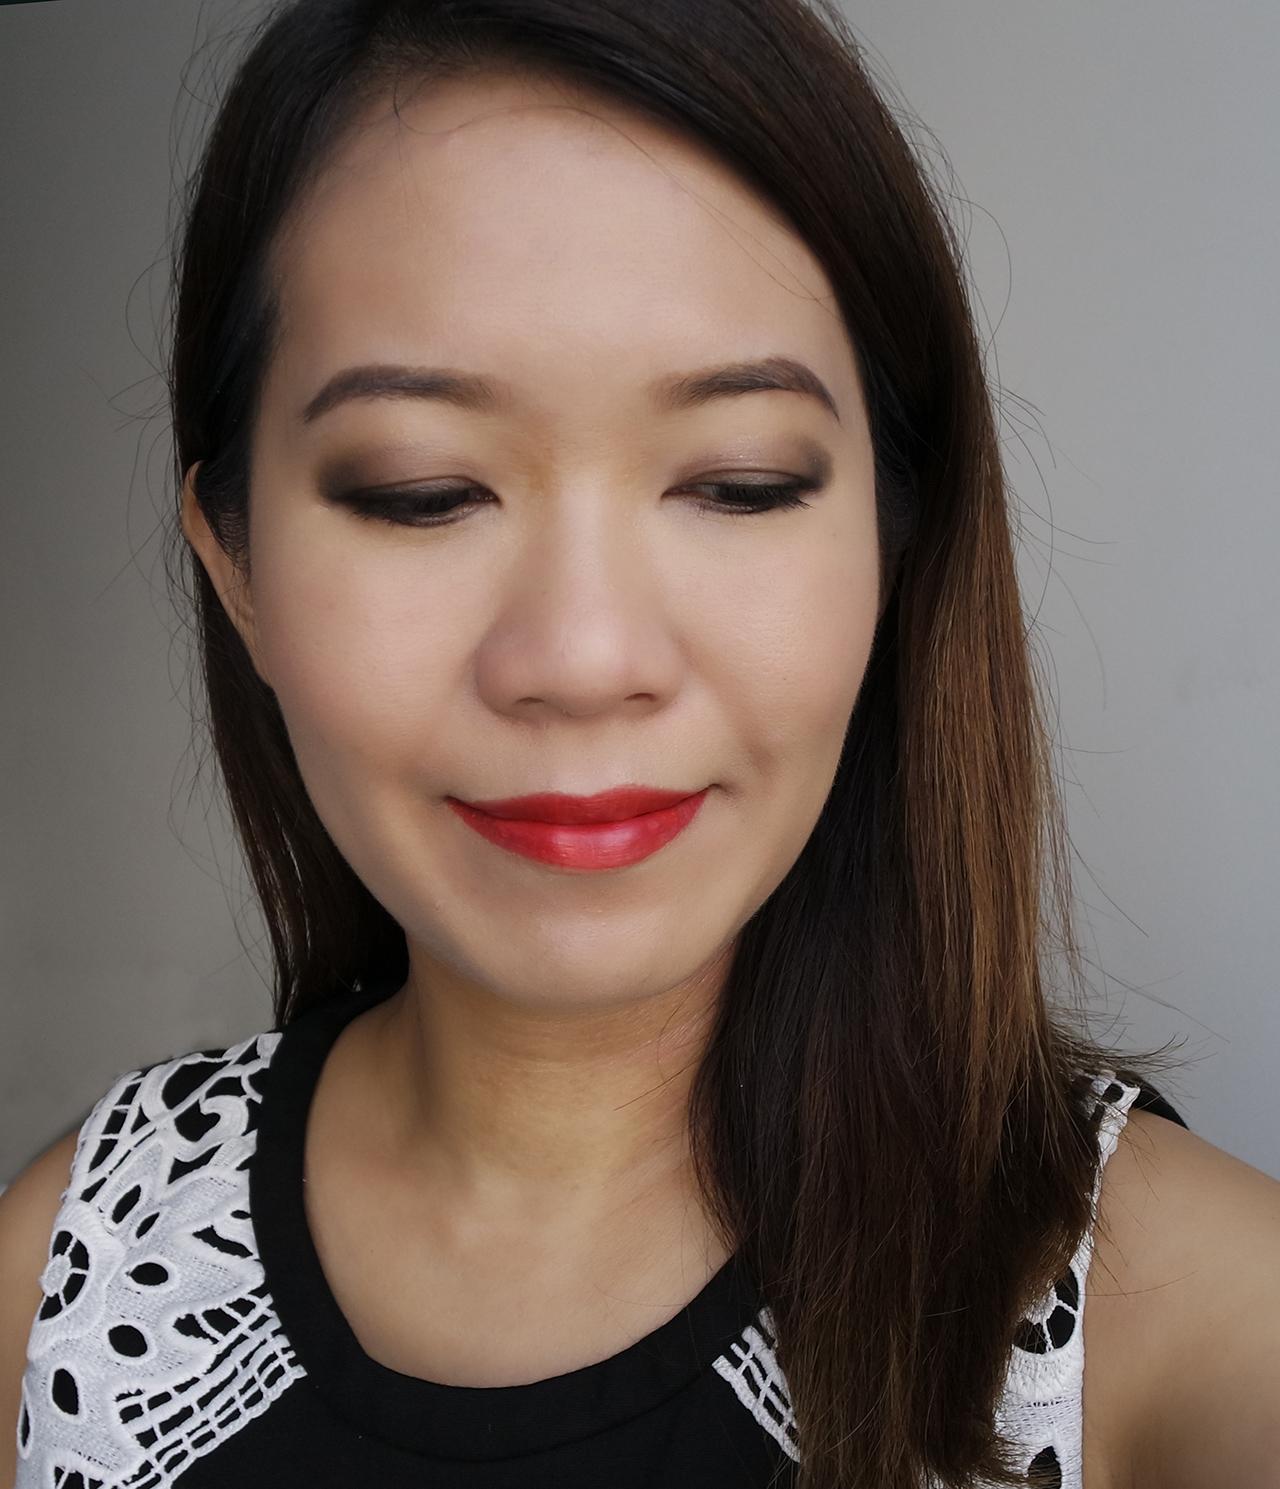 Chanel Les Beiges makeup look